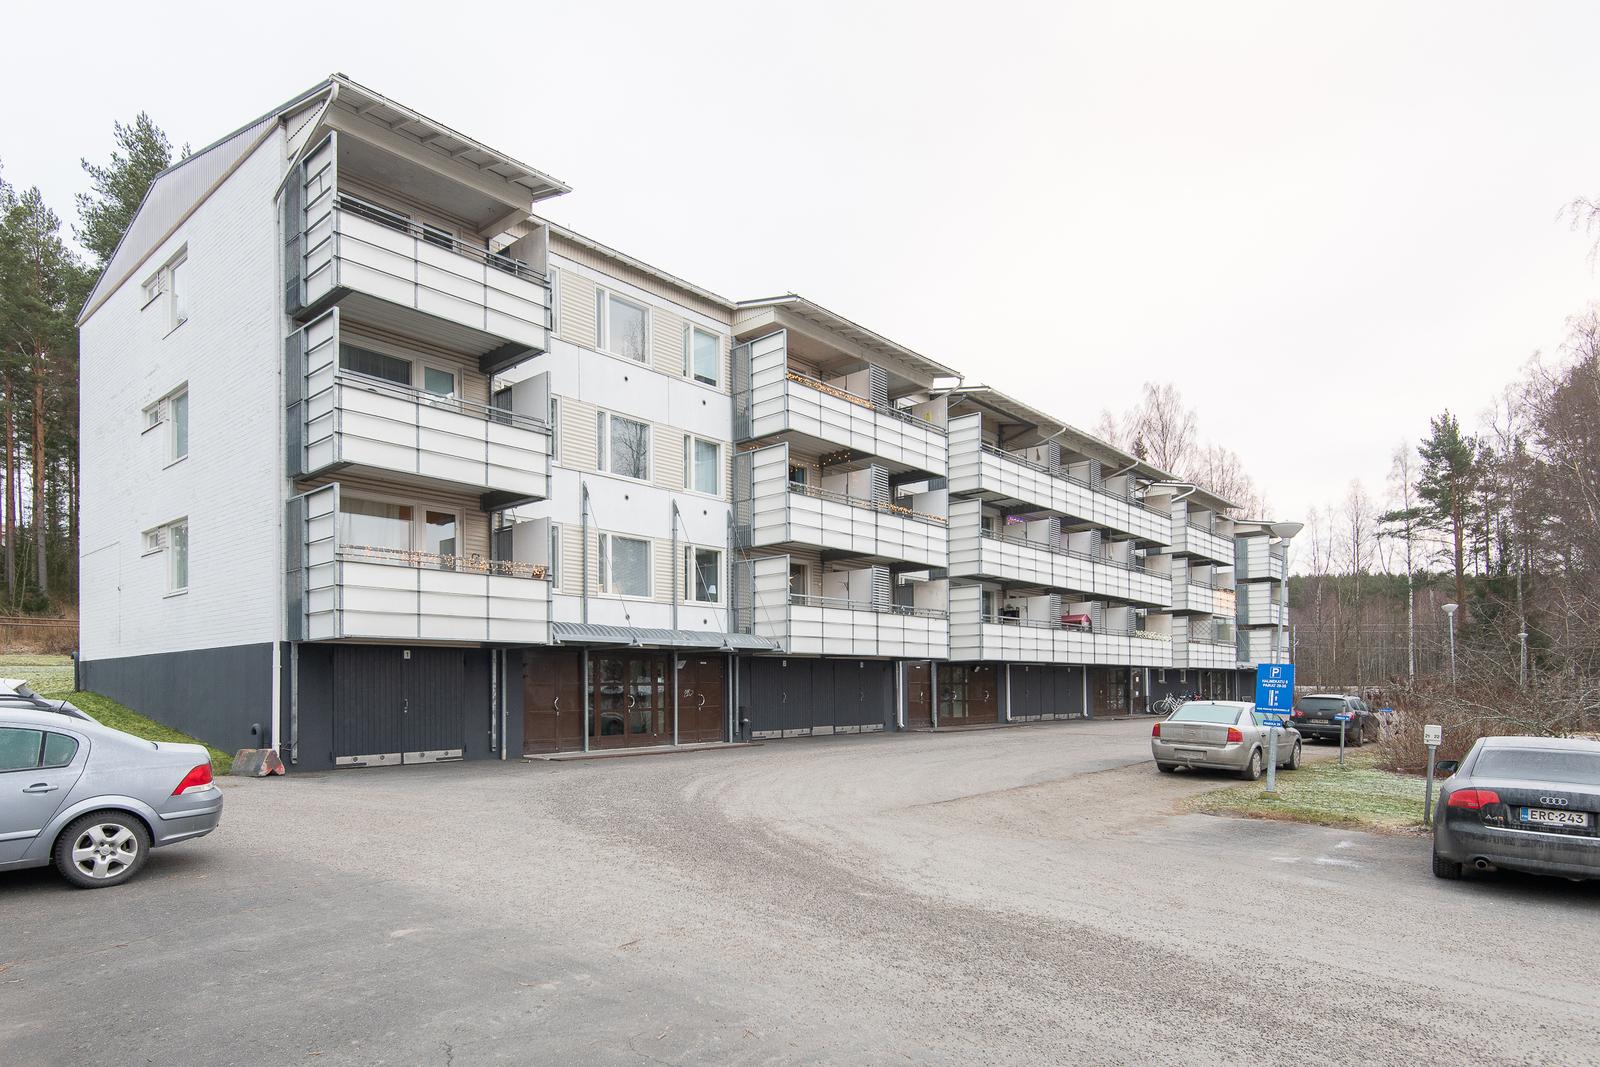 Seppälä, Jyväskylä